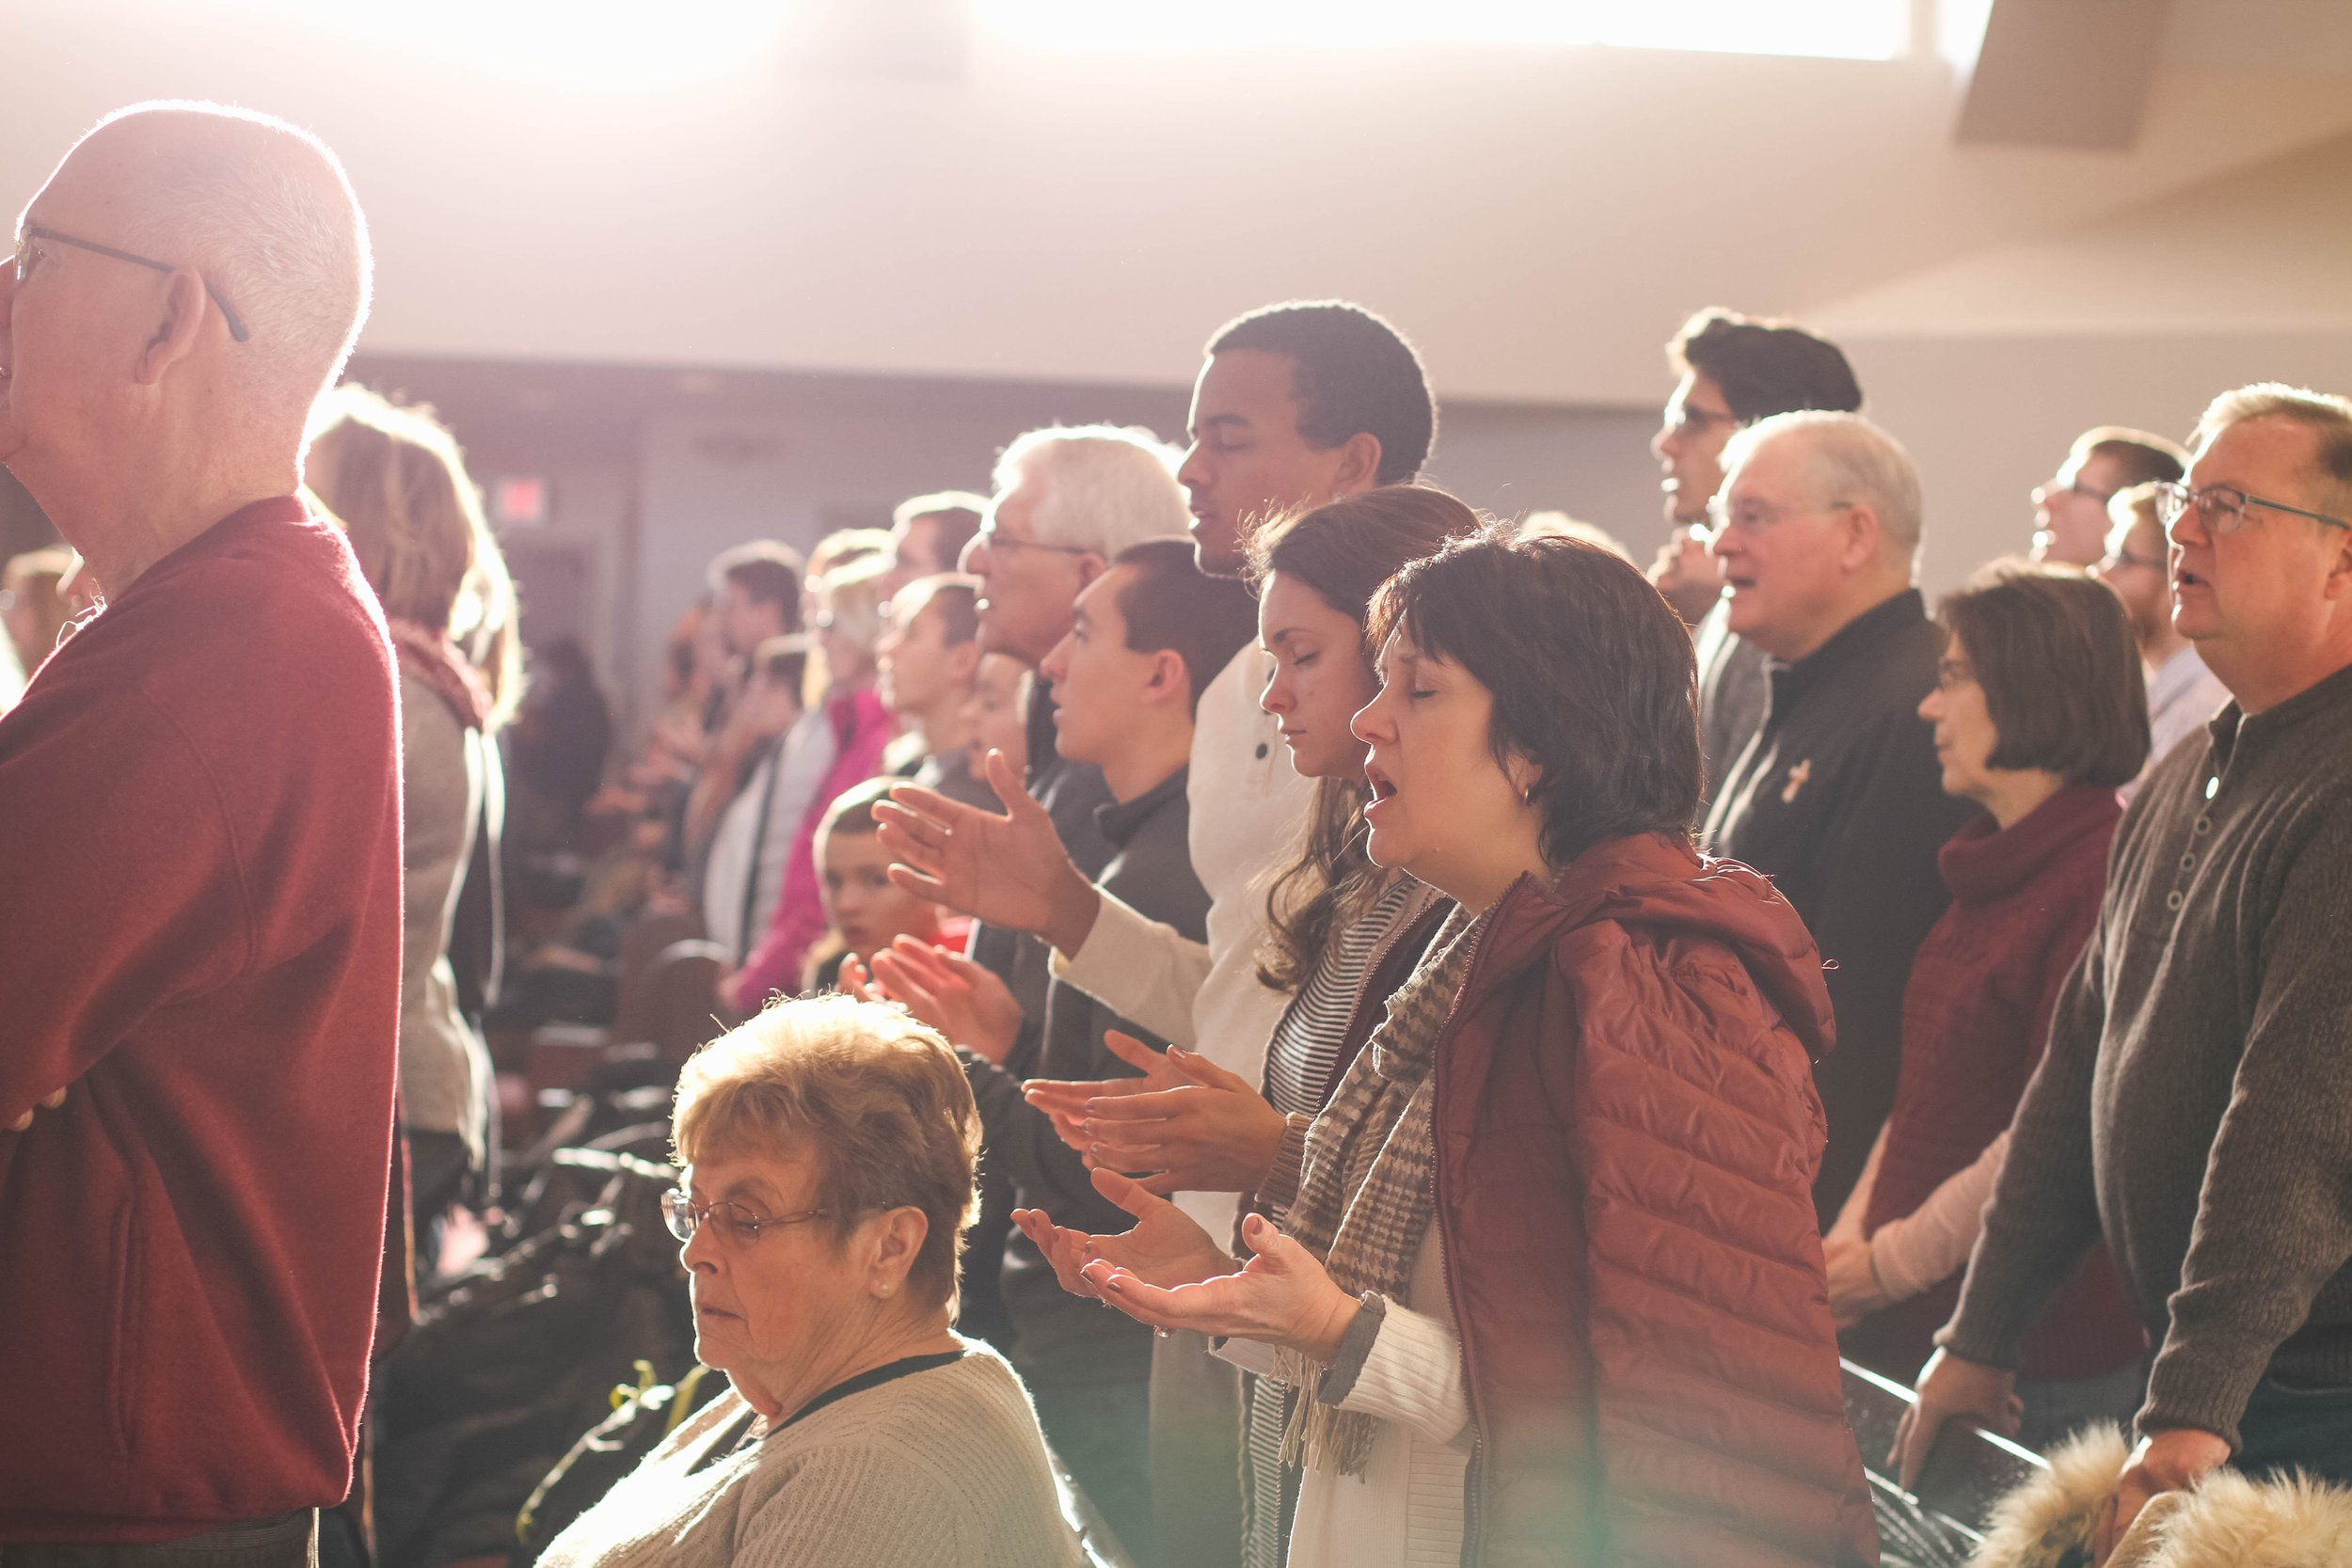 Congregation at Worship